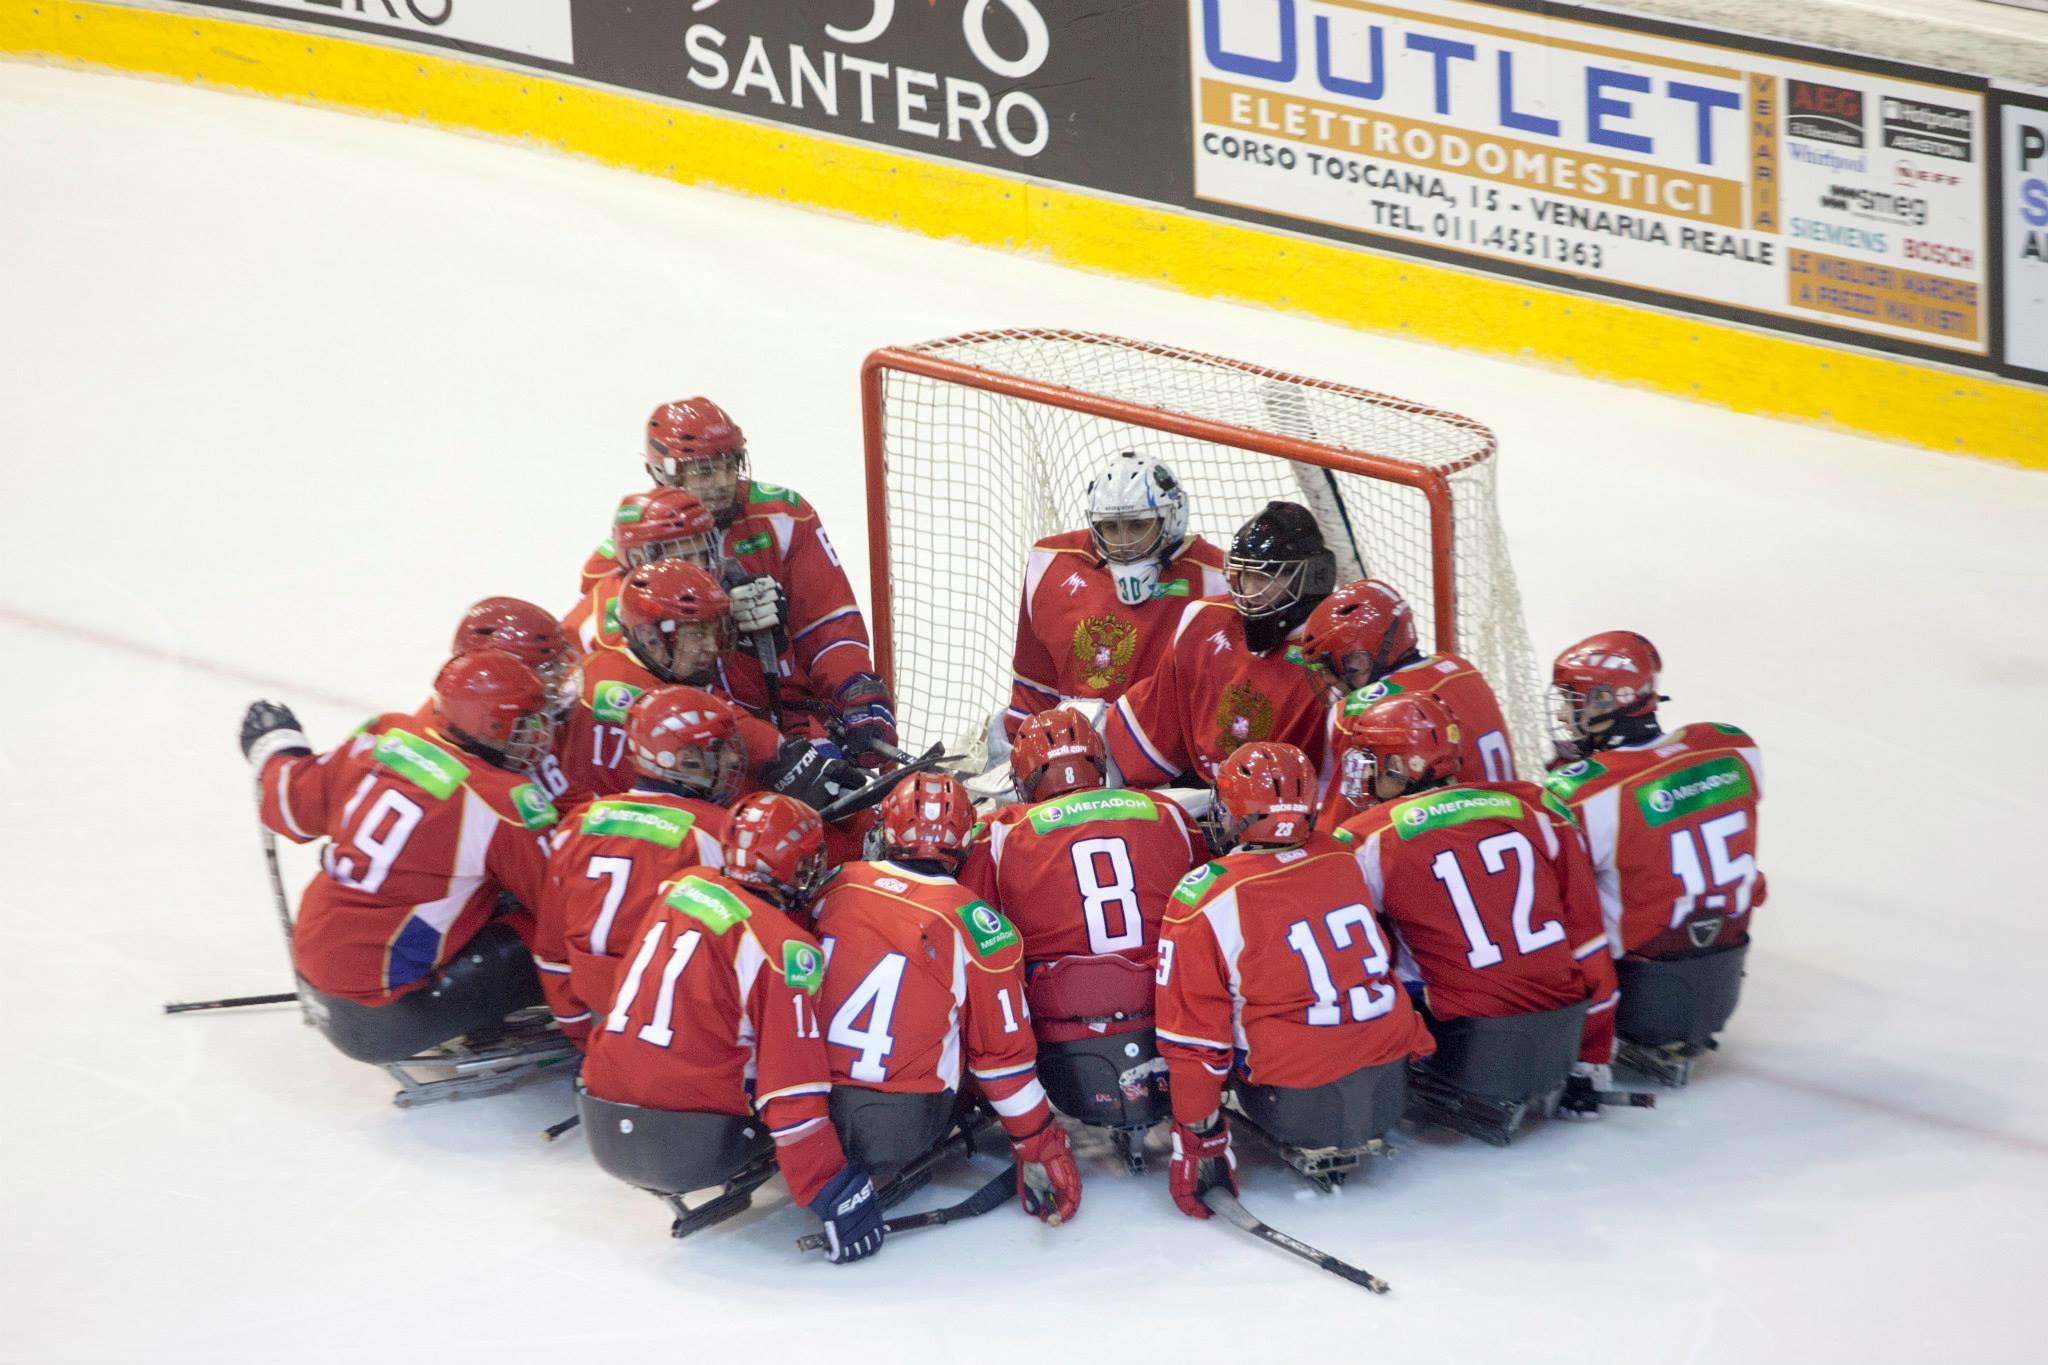 Сборная команда России по хоккею-следж выиграла 2 стартовых поединка на международных соревнованиях в Италии